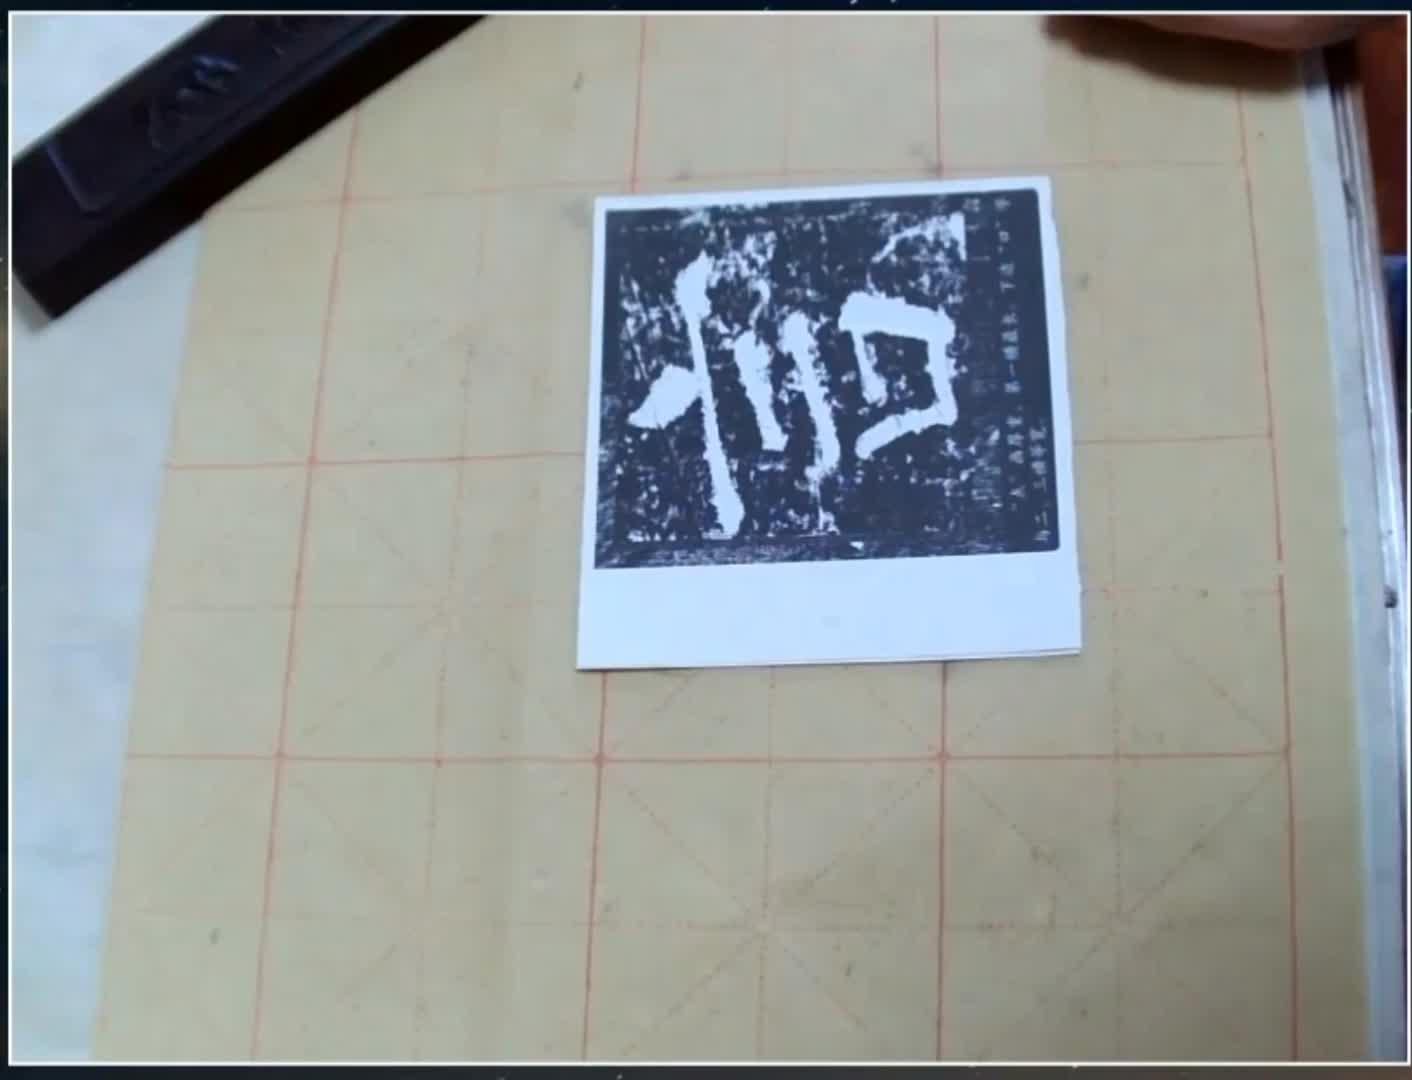 颜体书法解析,用笔如锥画沙,使其藏锋,画乃沉着